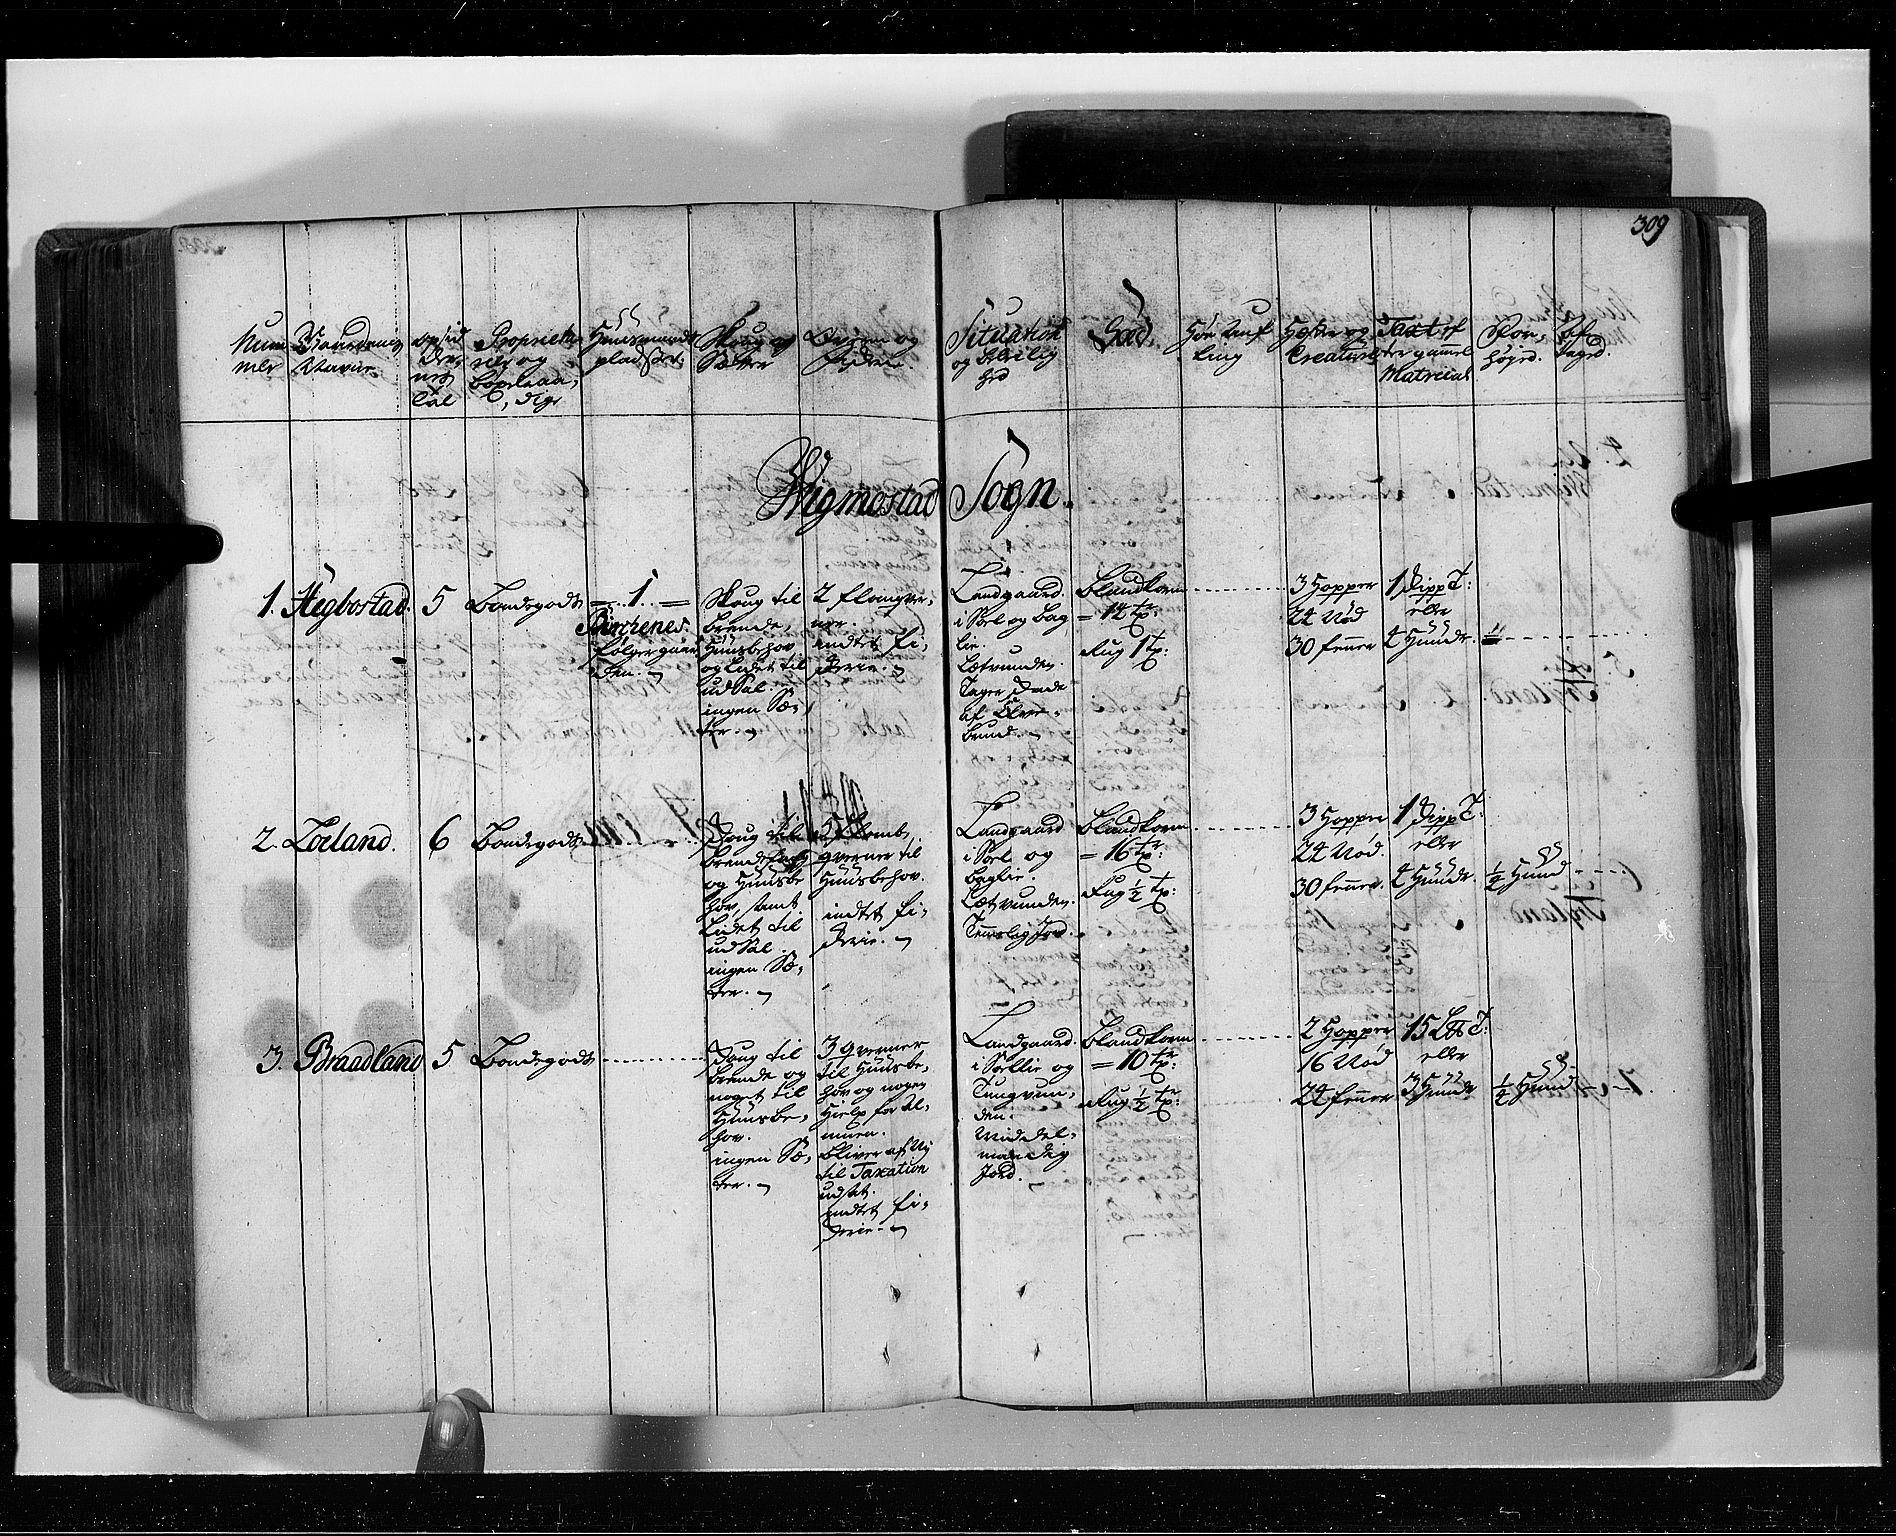 RA, Rentekammeret inntil 1814, Realistisk ordnet avdeling, N/Nb/Nbf/L0129: Lista eksaminasjonsprotokoll, 1723, s. 308b-309a